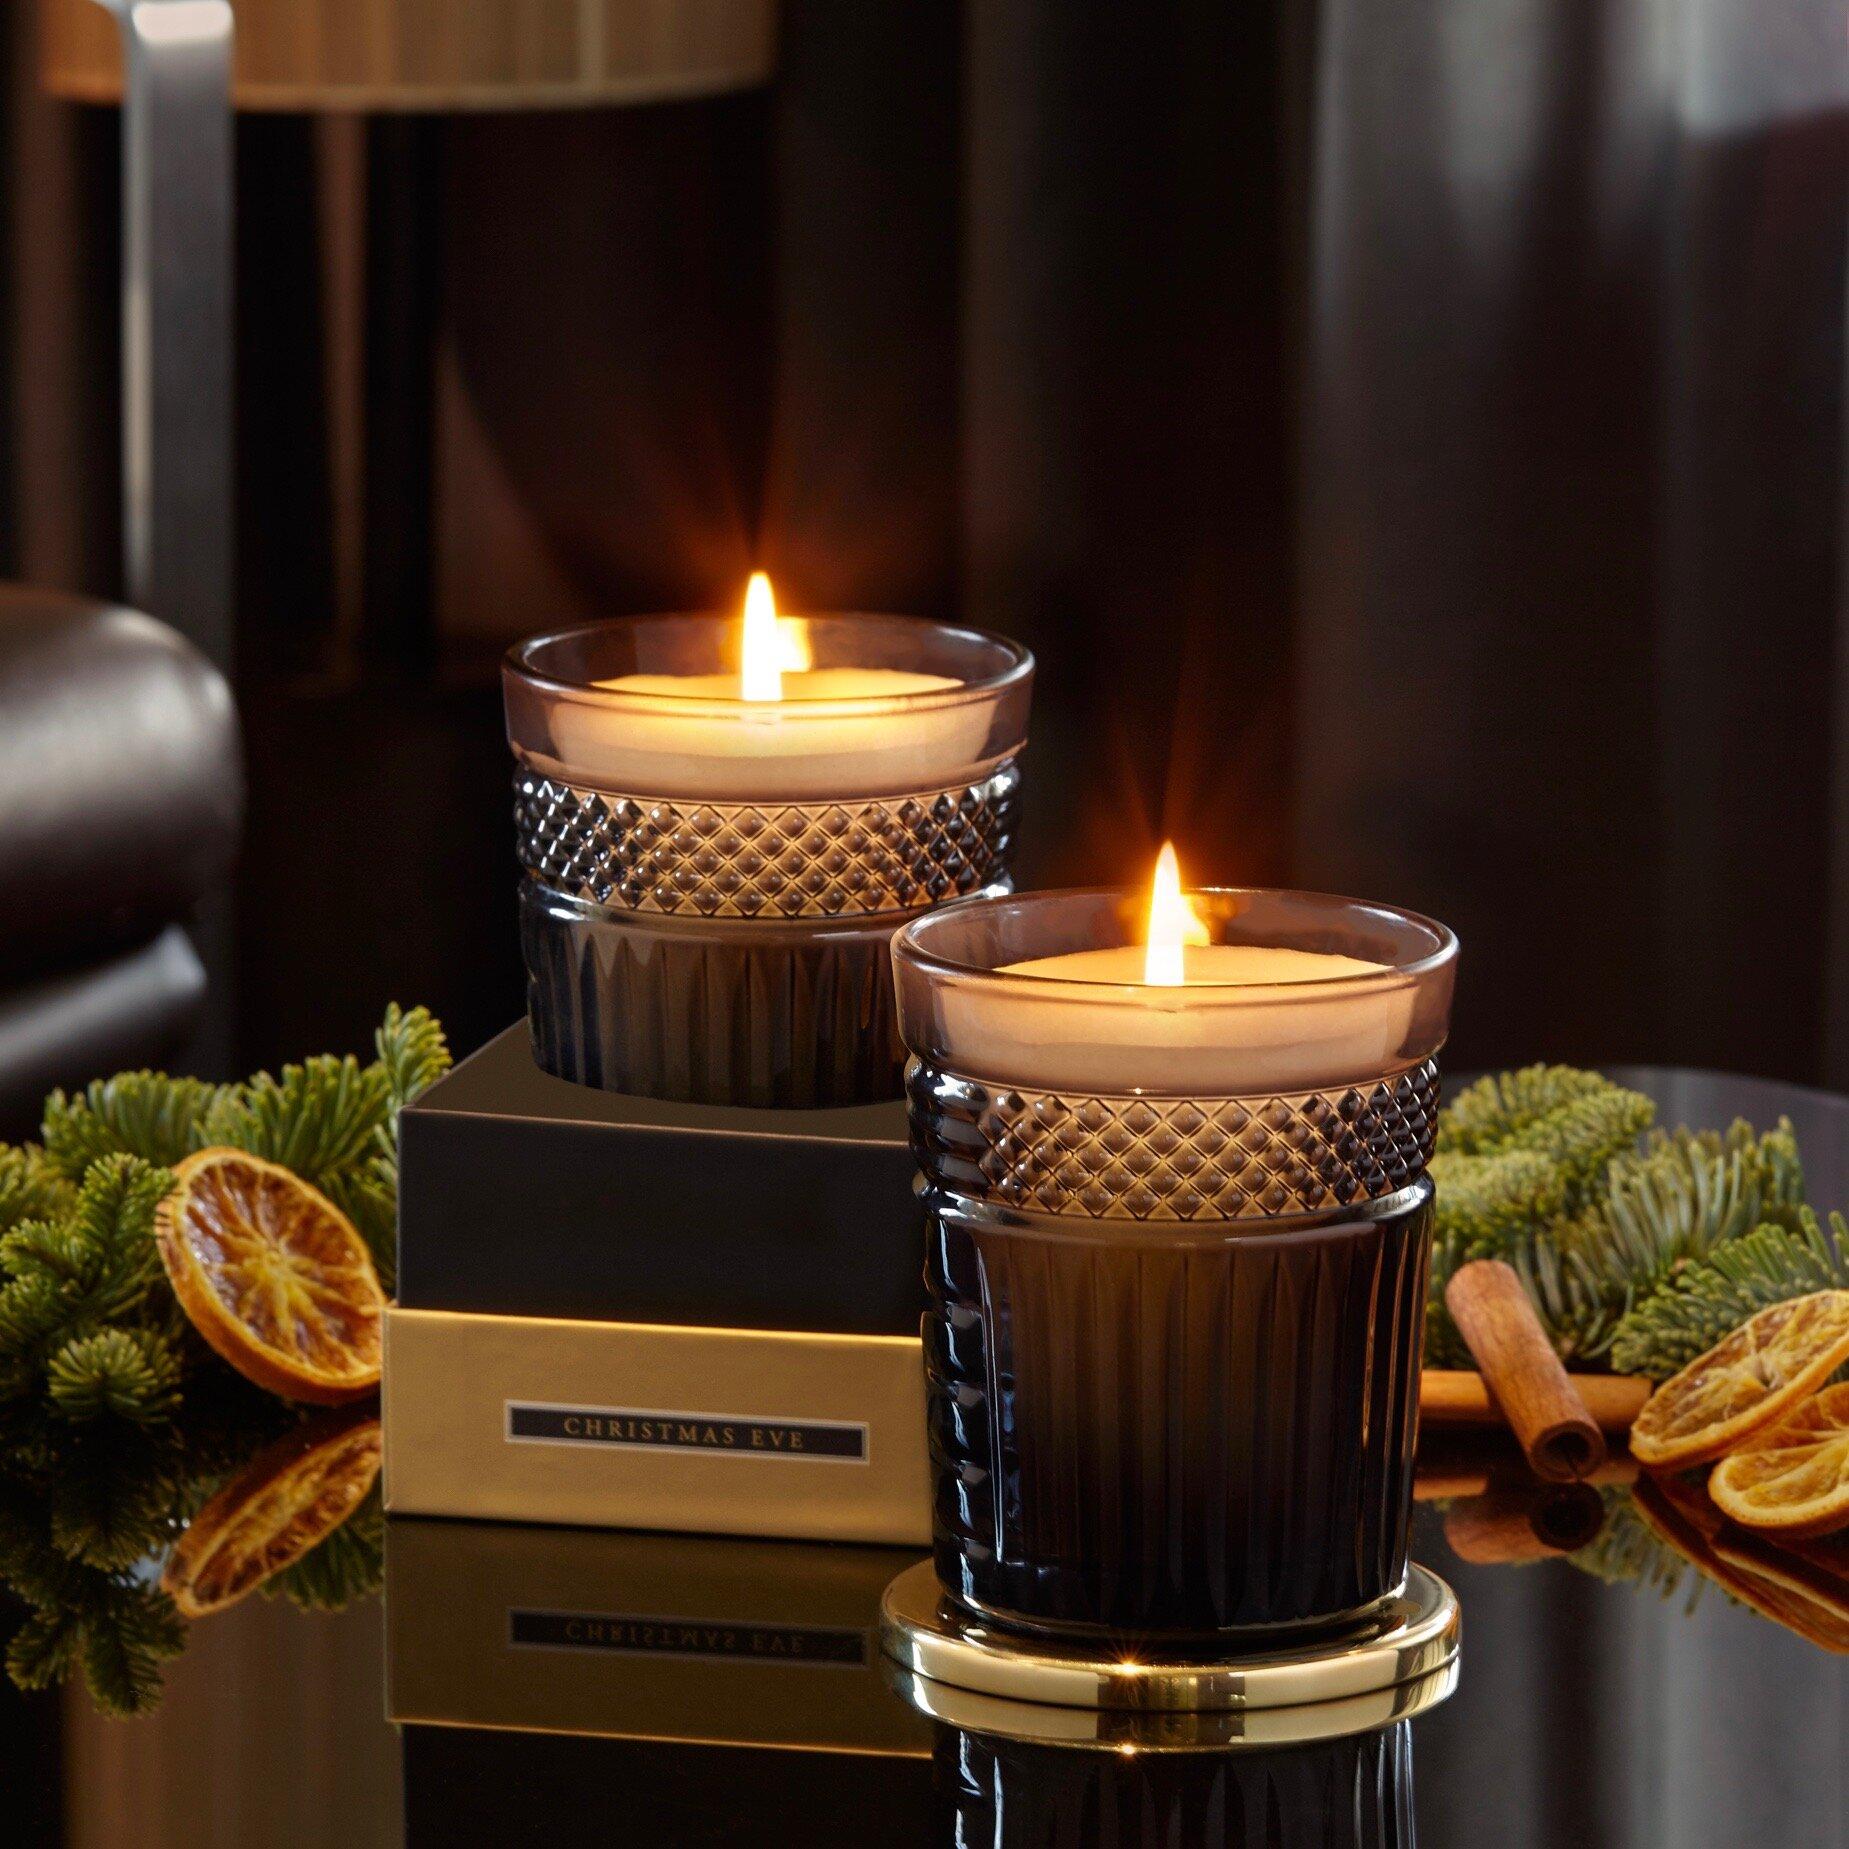 NSFC Christmas Eve Fragranced Candle.jpg